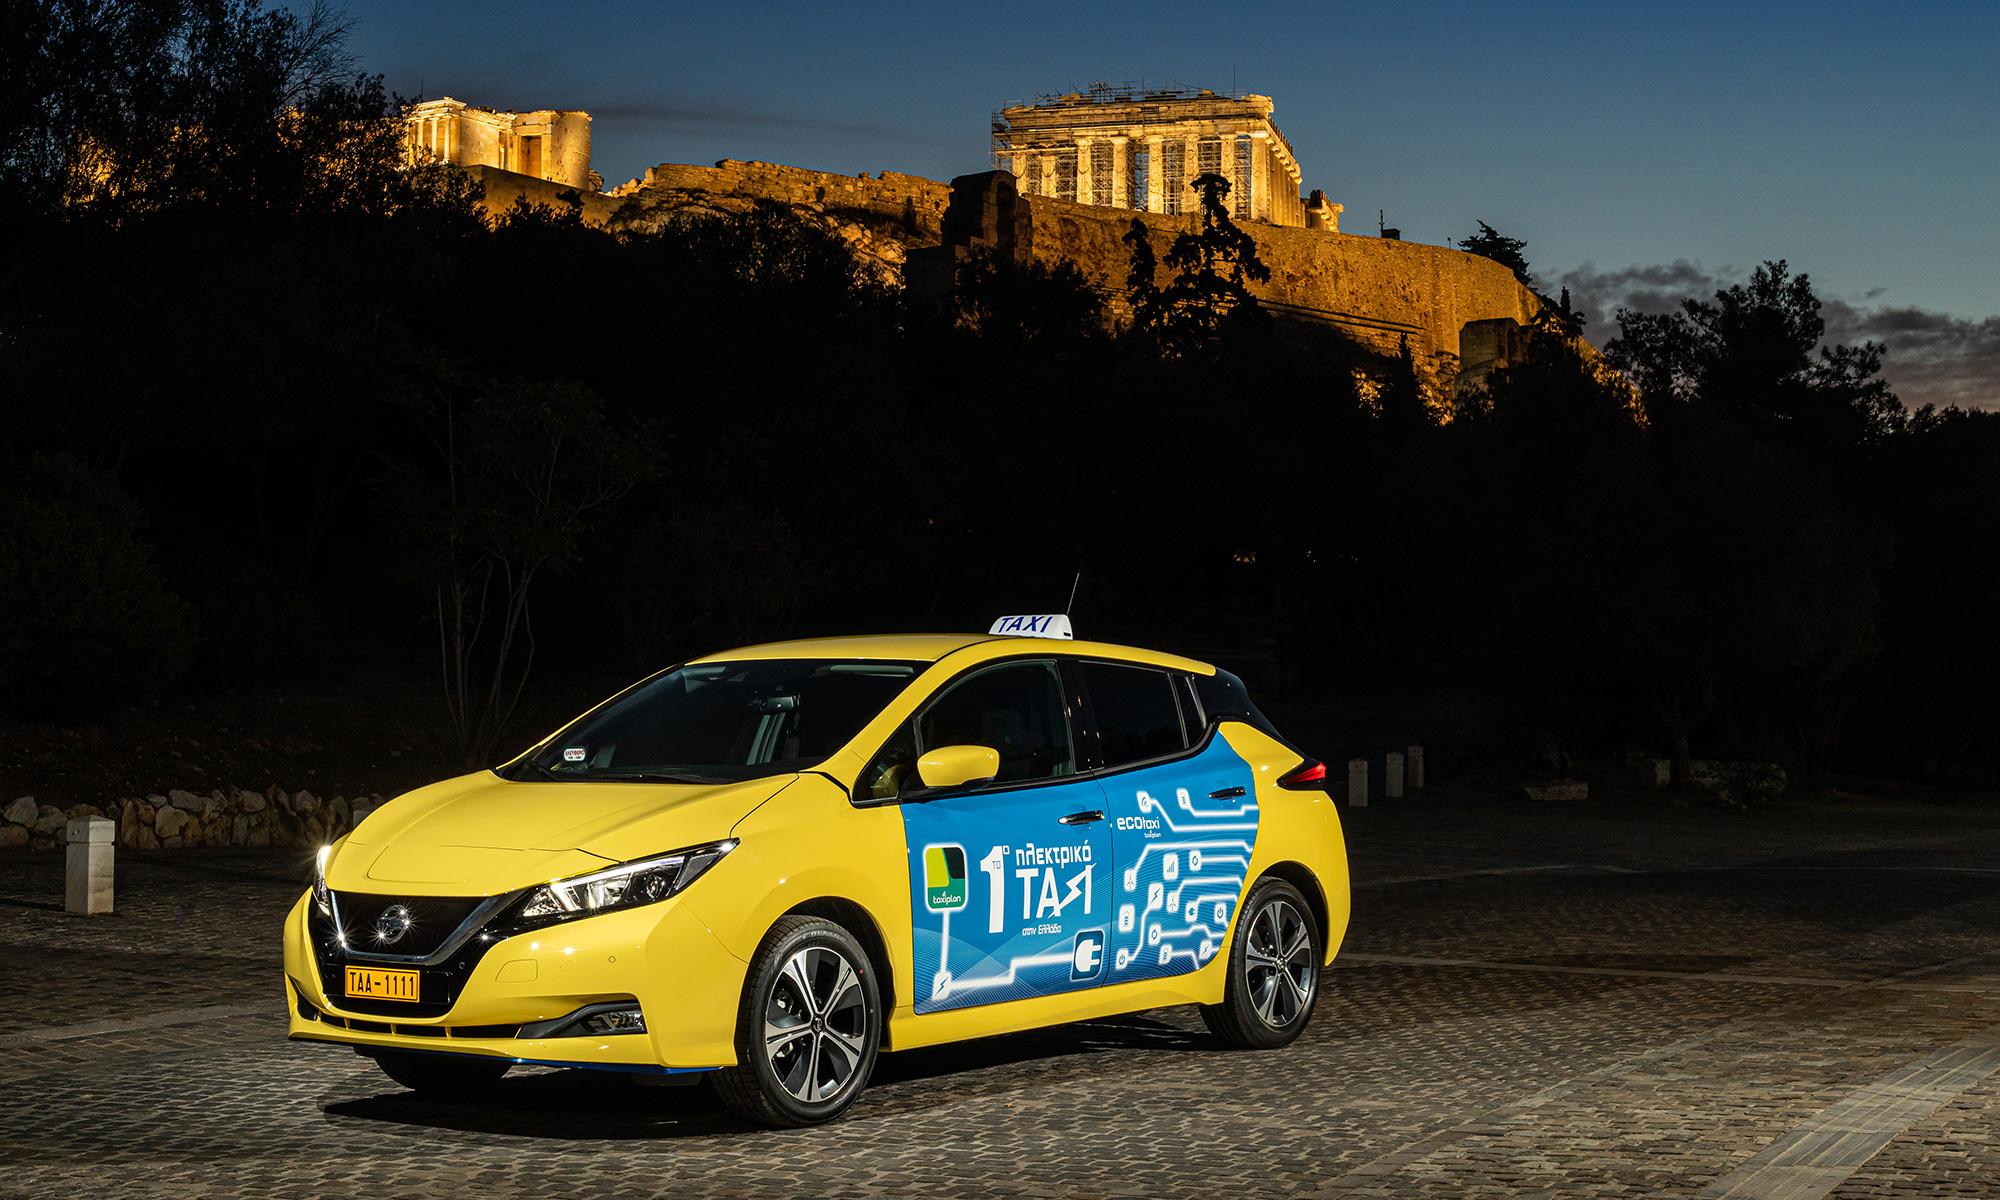 Το πρώτο ηλεκτρικό ταξί στην Αθήνα είναι ένα Nissan Leaf